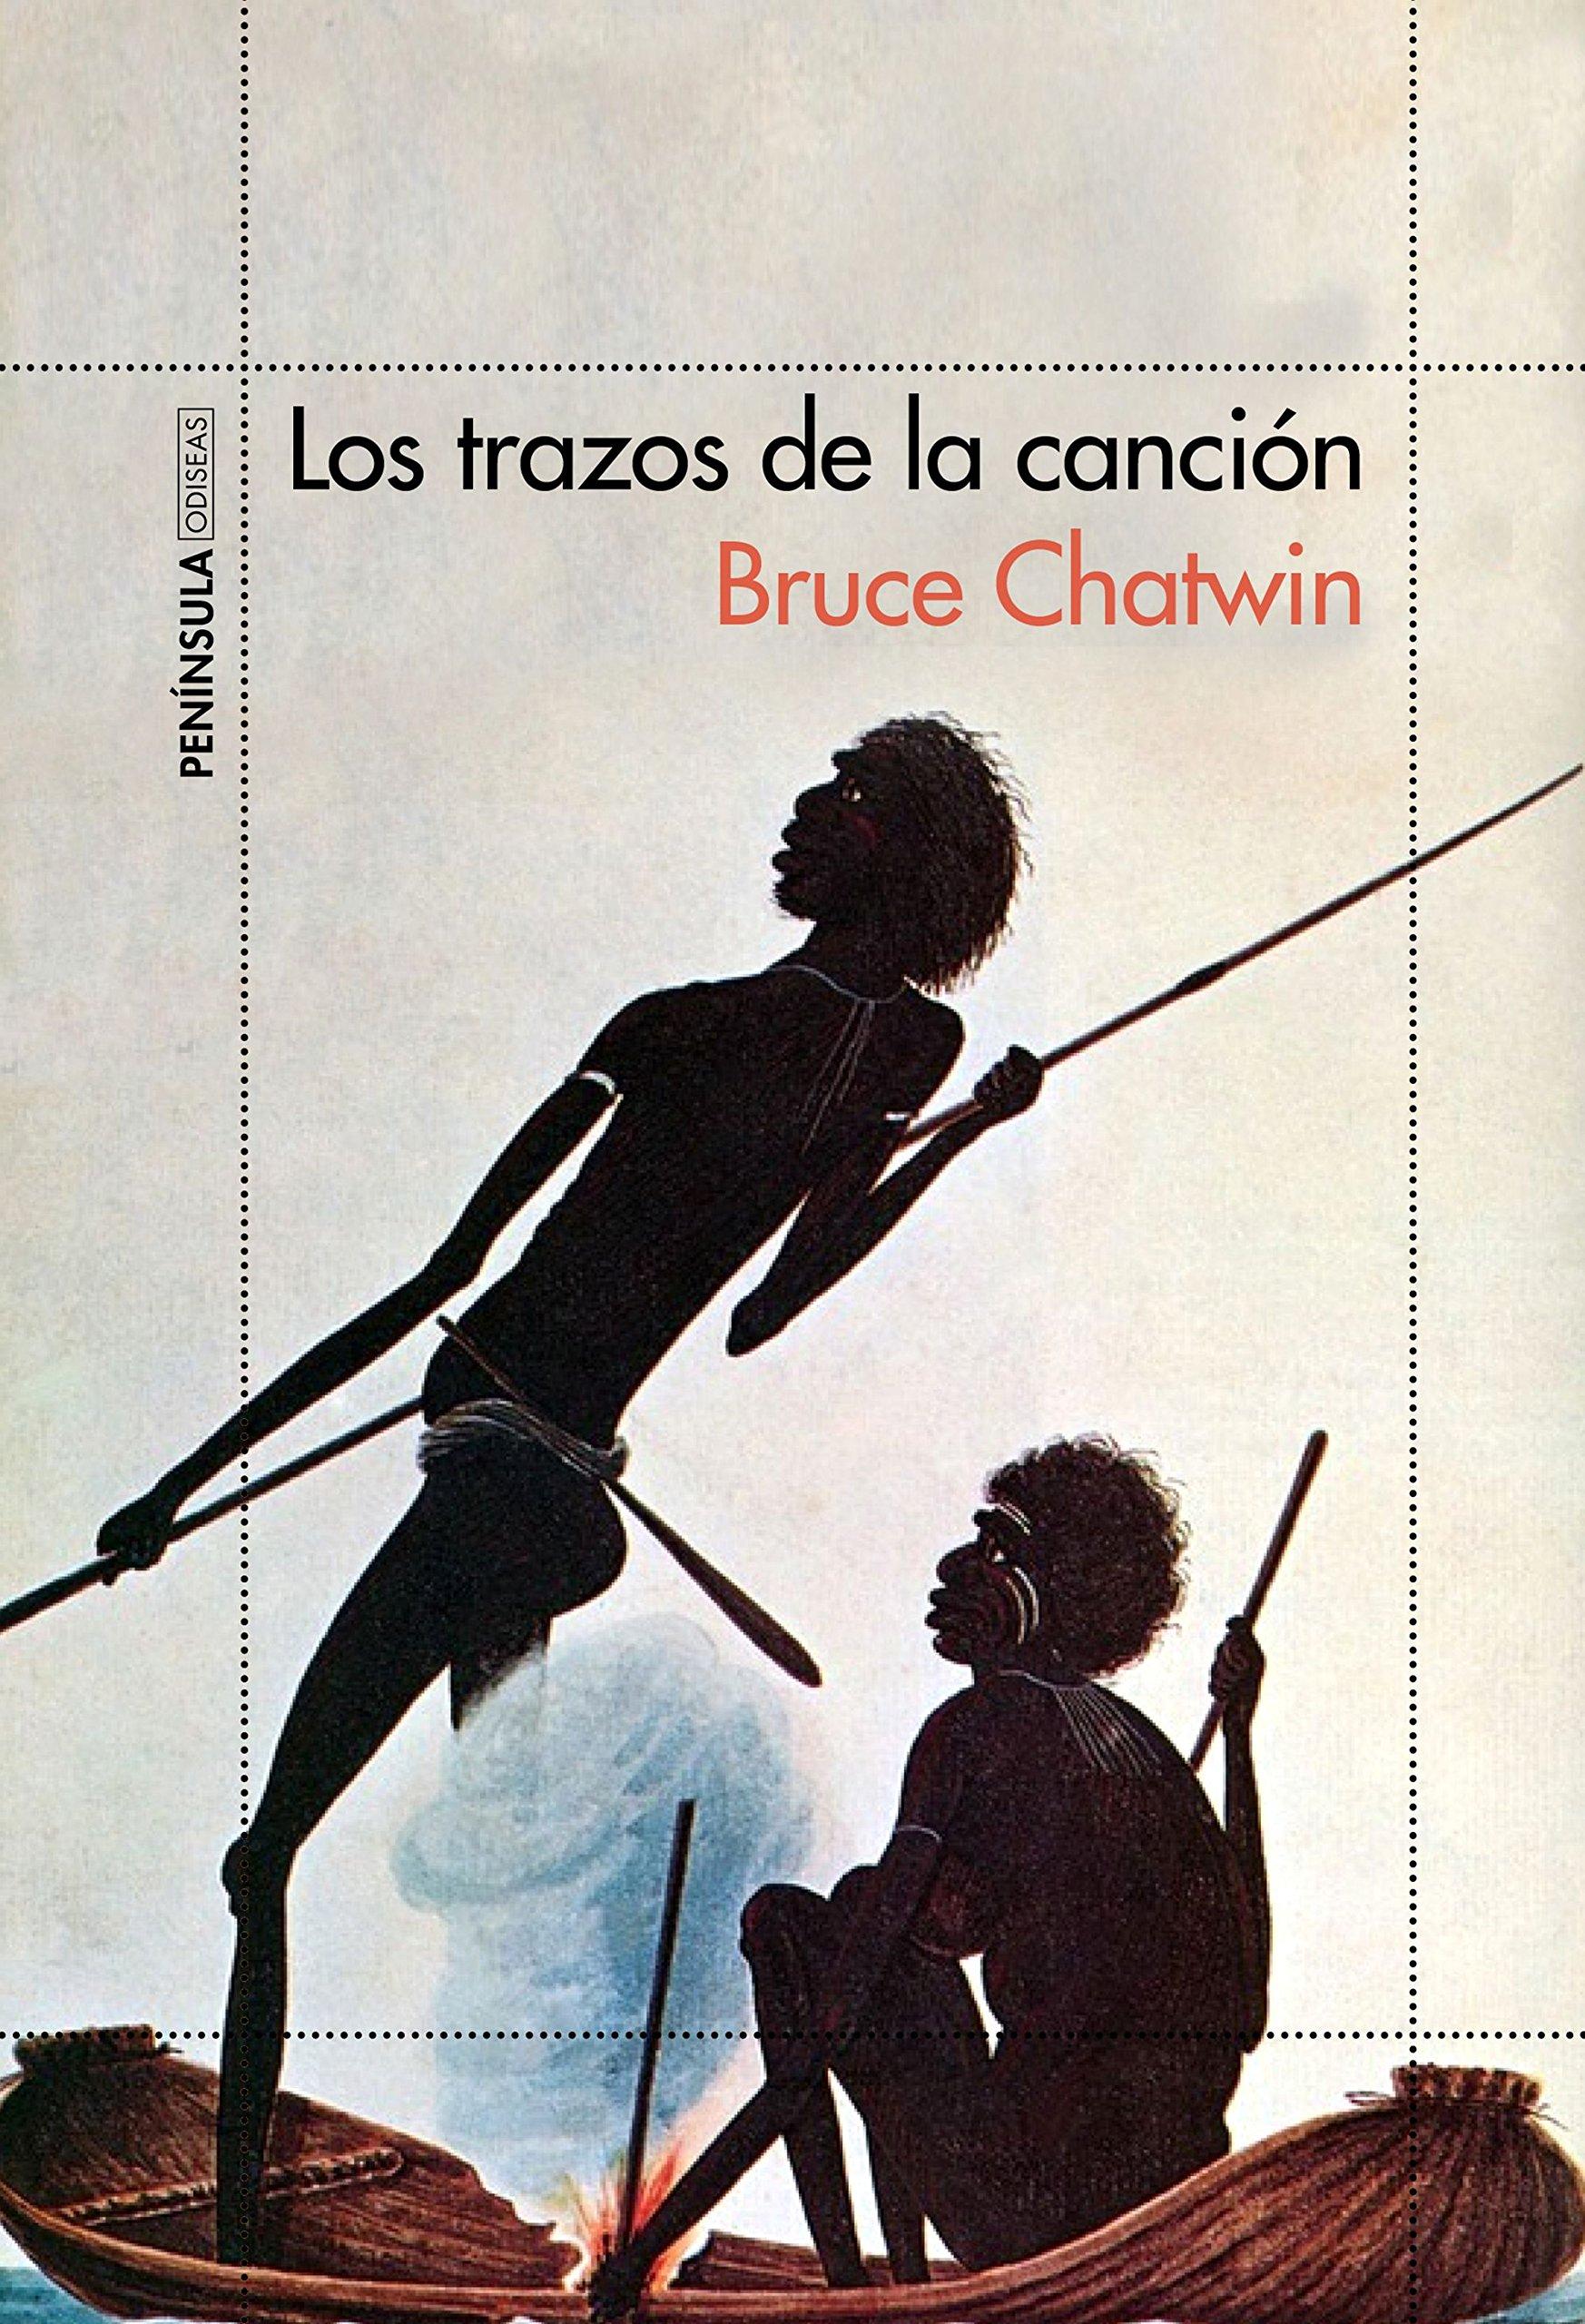 Los trazos de la canción (ODISEAS) Tapa blanda – 5 nov 2015 Bruce Chatwin Eduardo Goligorsky Ediciones Península 849942452X